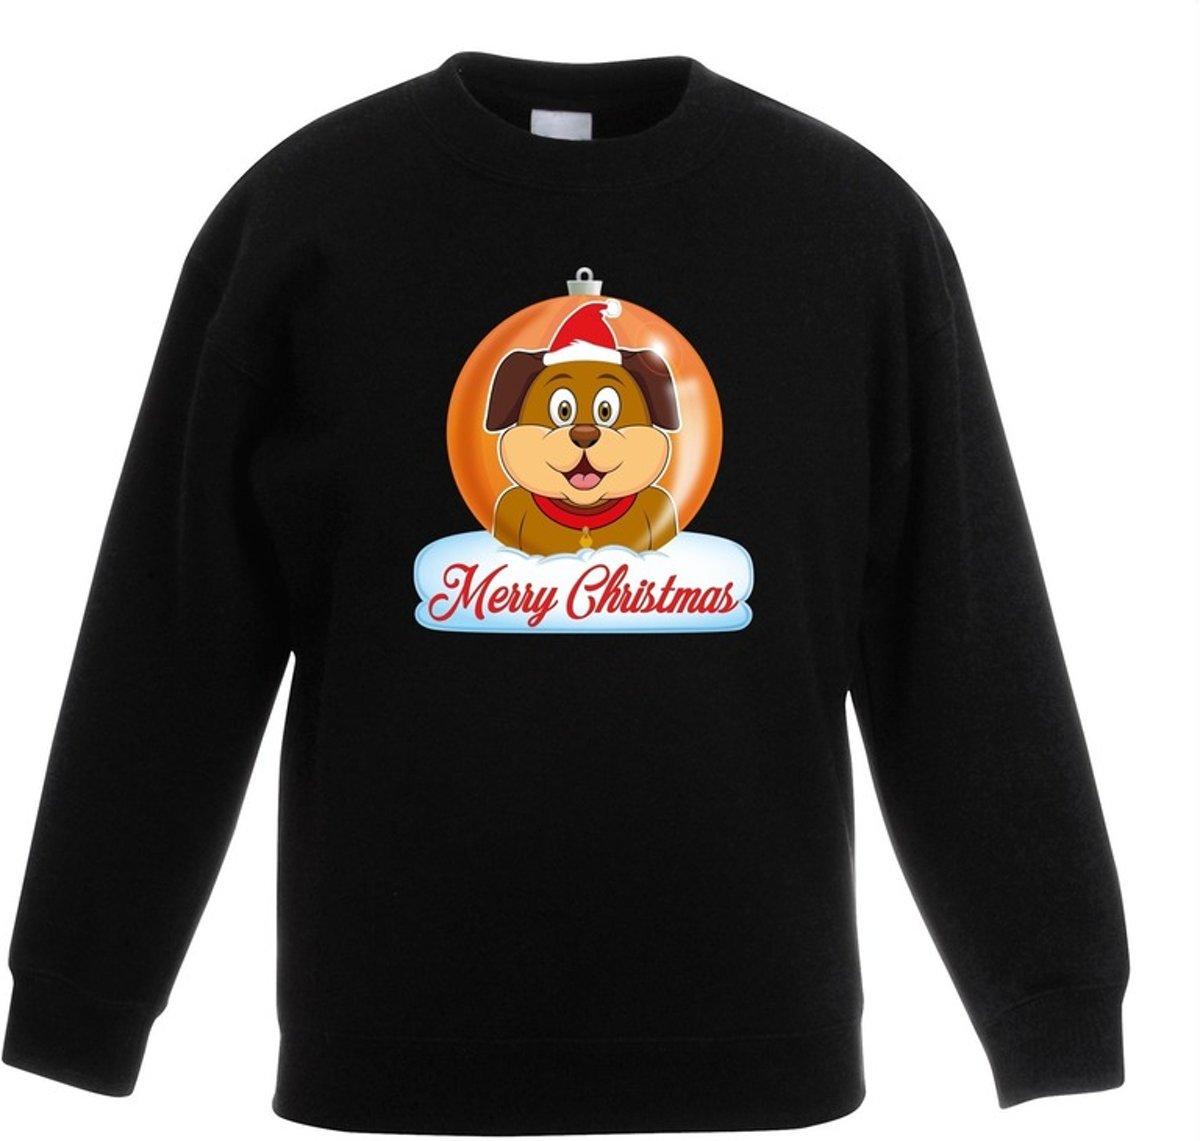 Kersttrui Merry Christmas hond kerstbal zwart jongens en meisjes - Kerstruien kind 5-6 jaar (110/116) kopen